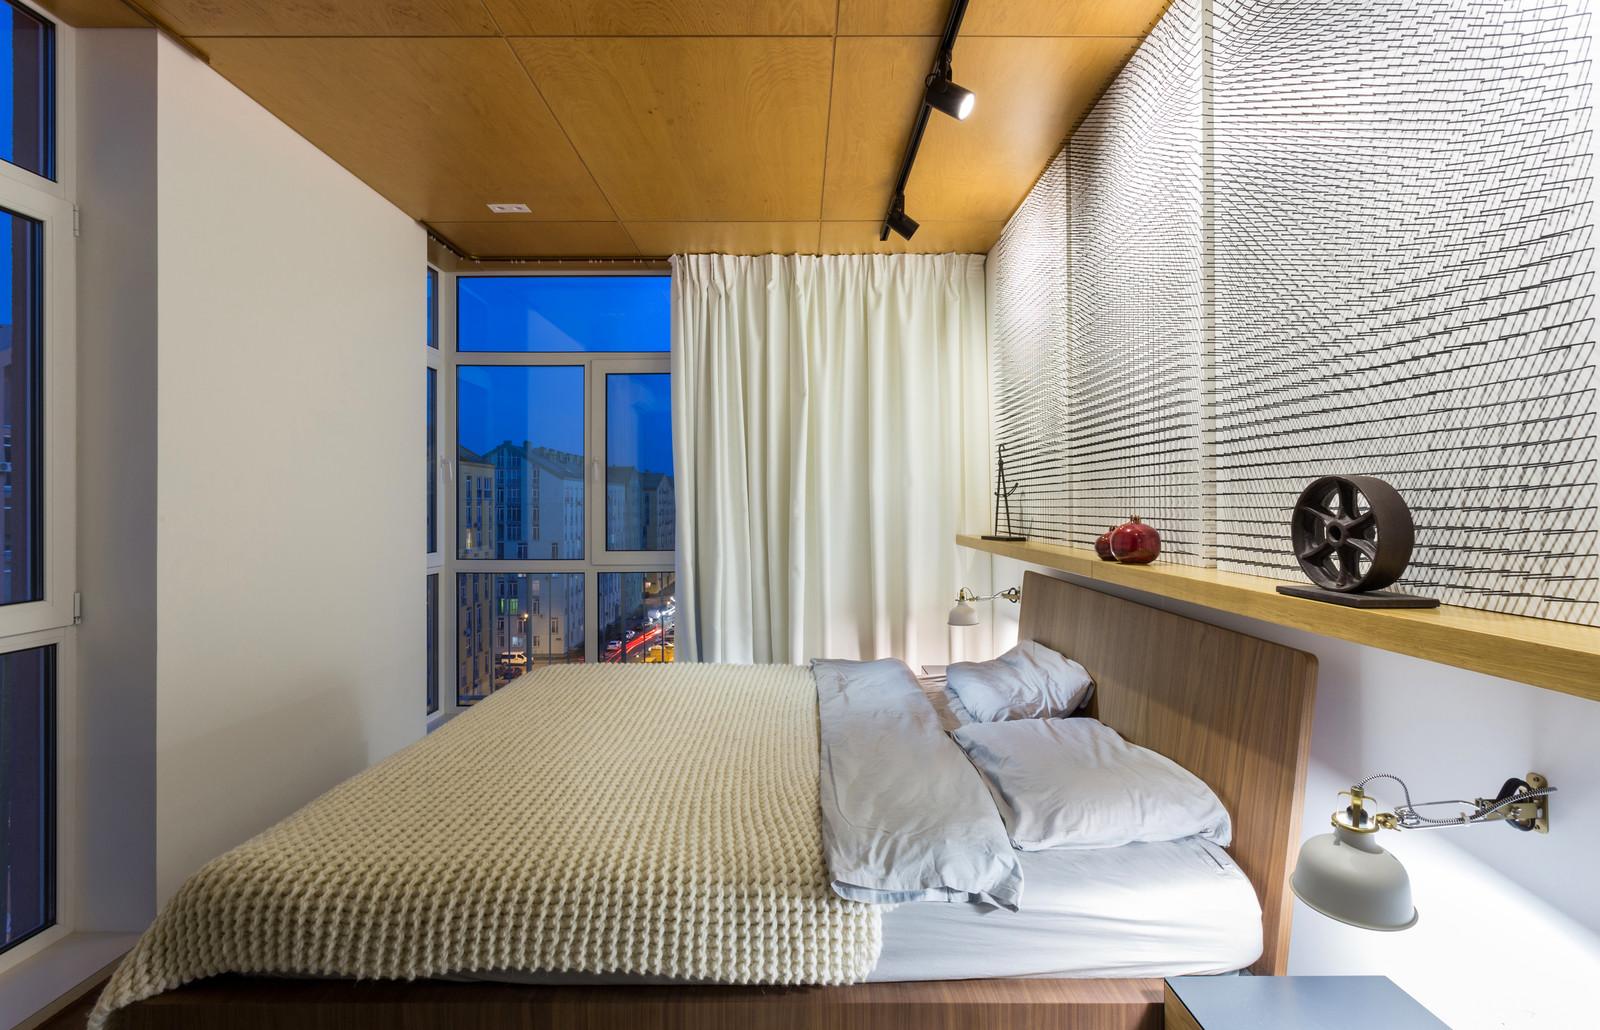 Apartment-design-just3ds.com-20